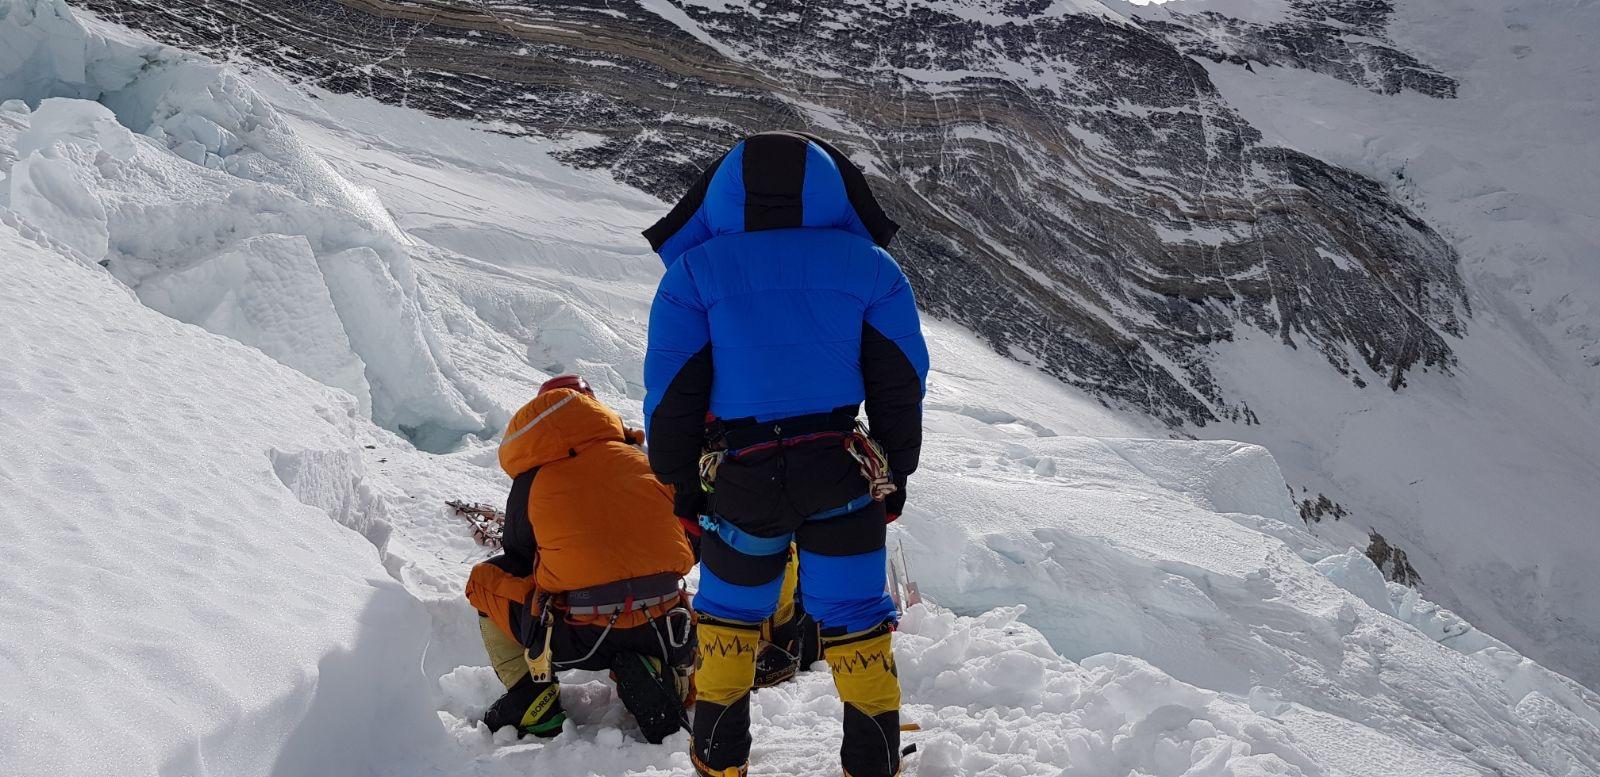 Alex Txikon renuncia a coronar el Everest sin oxígeno